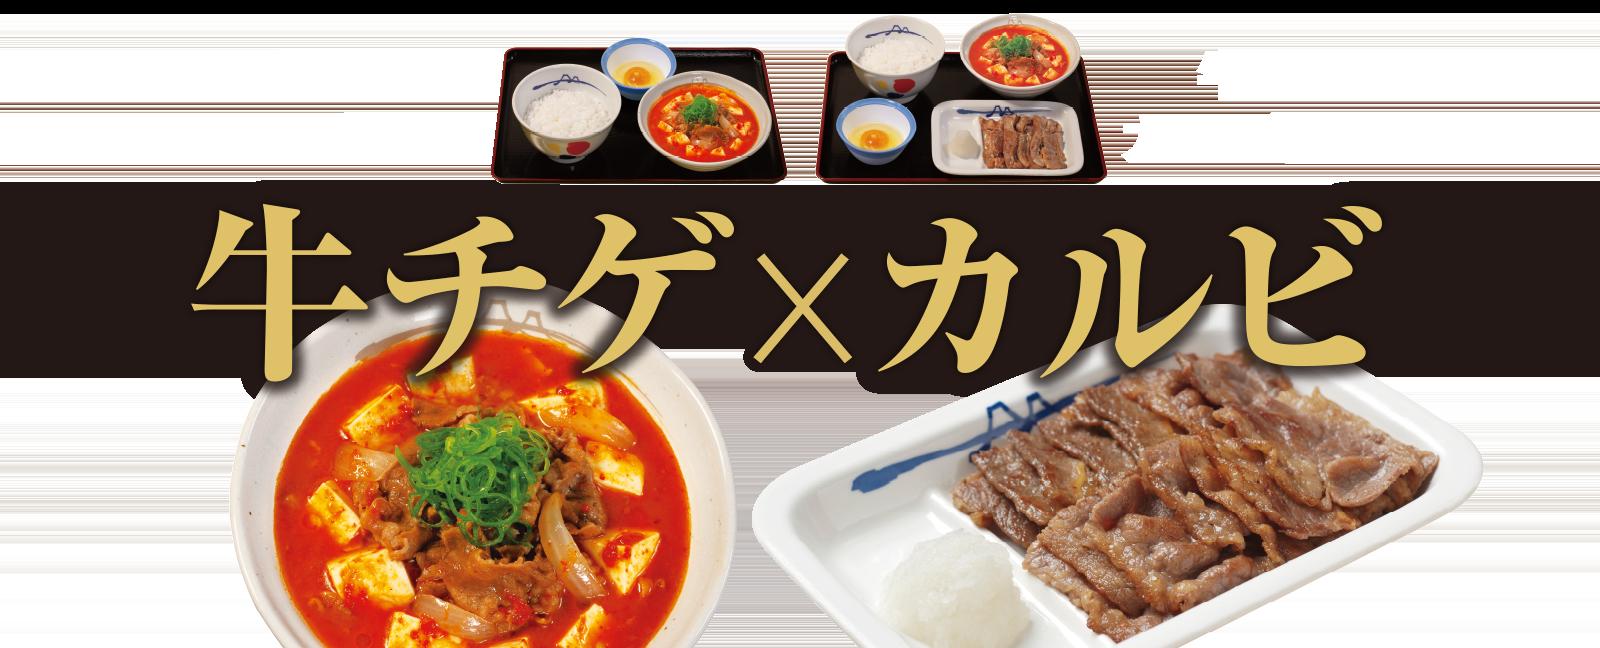 お肉たっぷり「牛キムチチゲ膳」新発売!